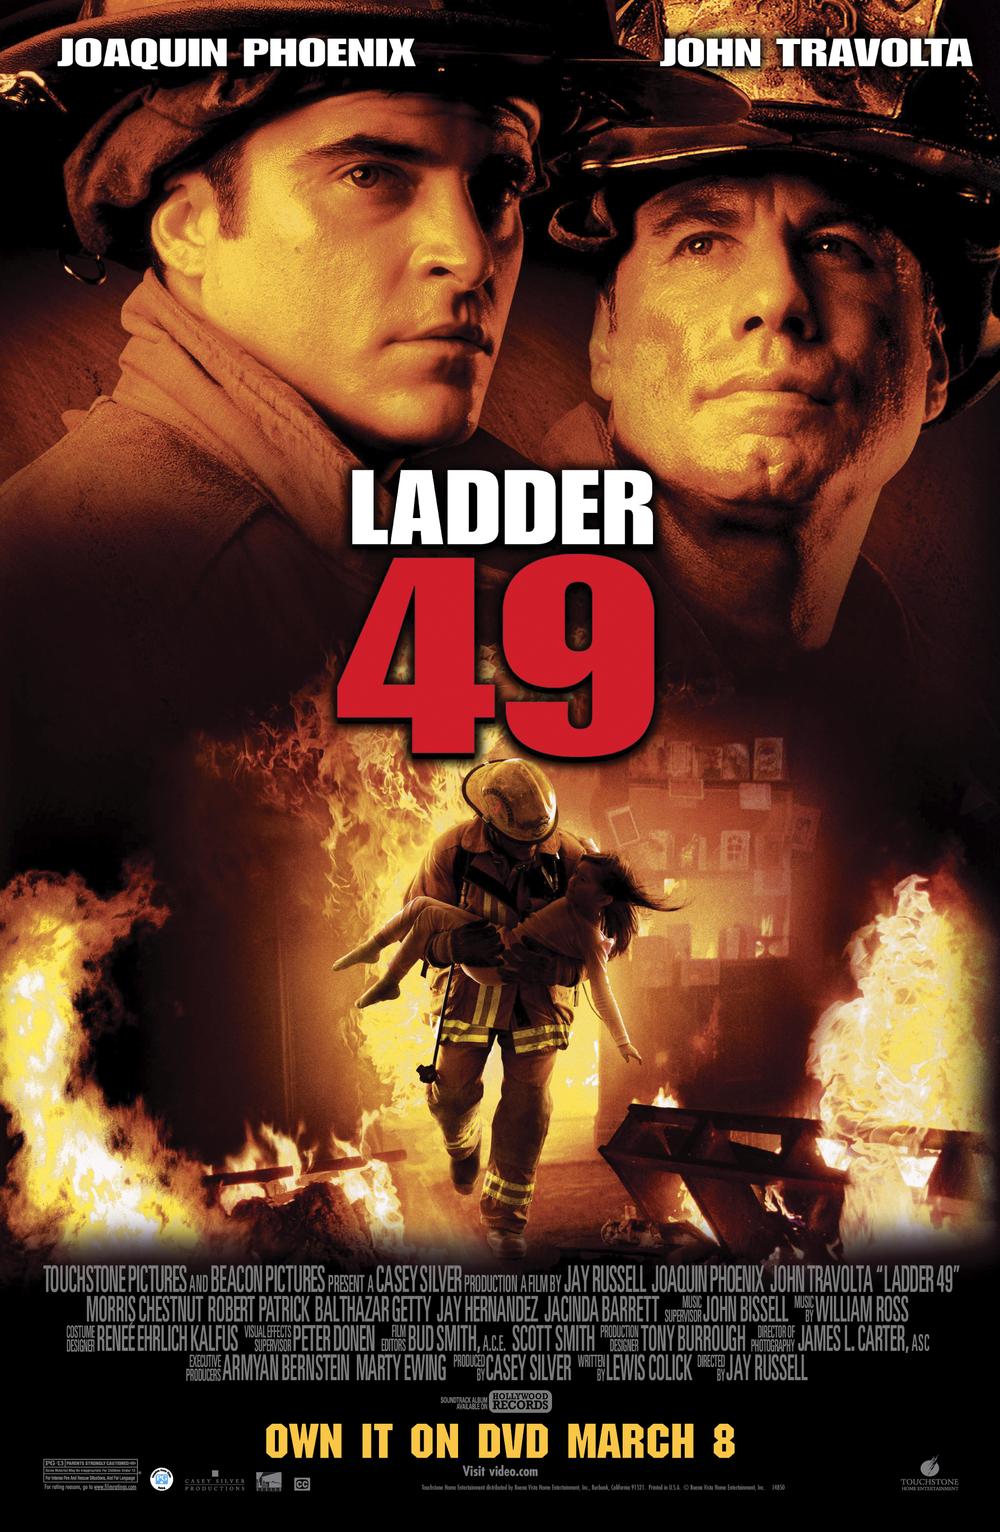 ladder49_final.jpg